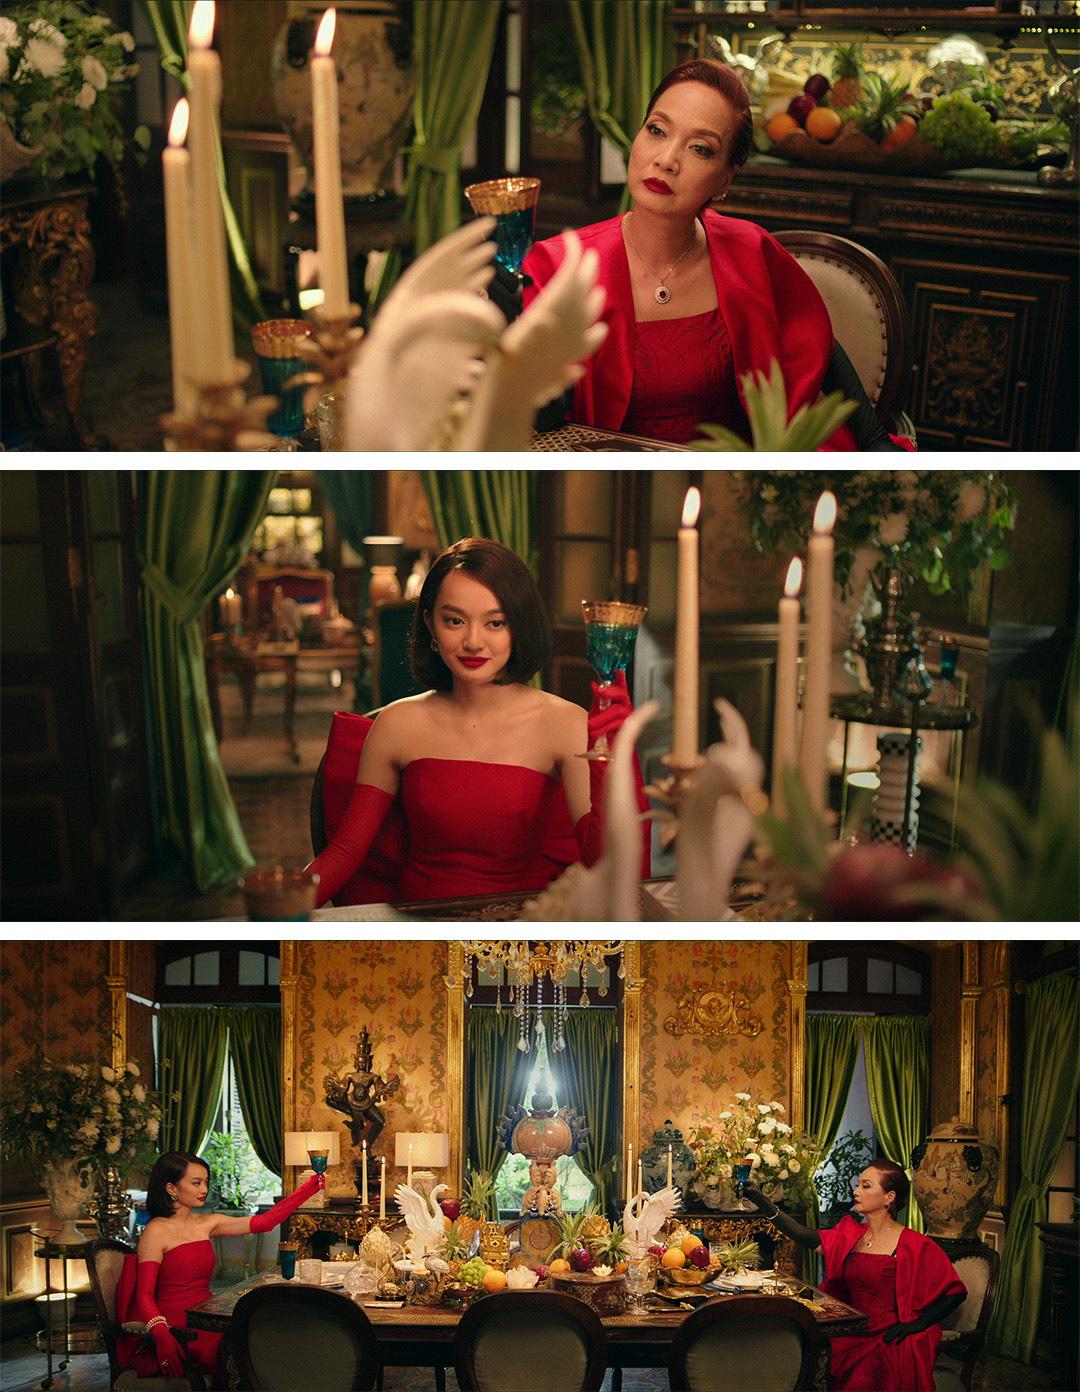 """Kaity Nguyễn và Lê Khanh hóa chị em tương tàn vì mỹ nam trong first look """"Gái già lắm chiêu V"""" - Ảnh 2."""